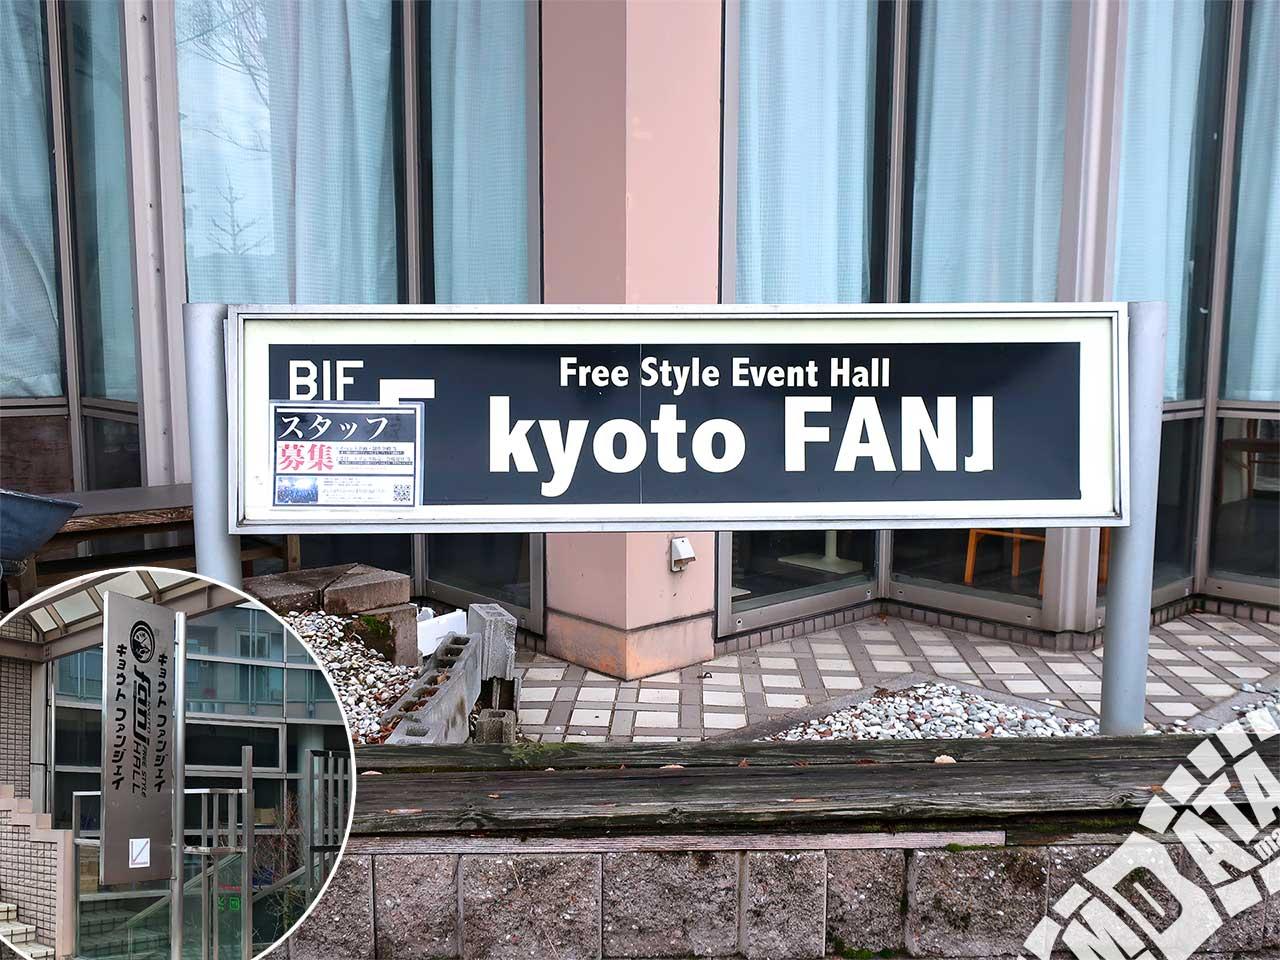 京都FANJの写真 撮影日:2019/1/18 Photo taken on 2019/01/18